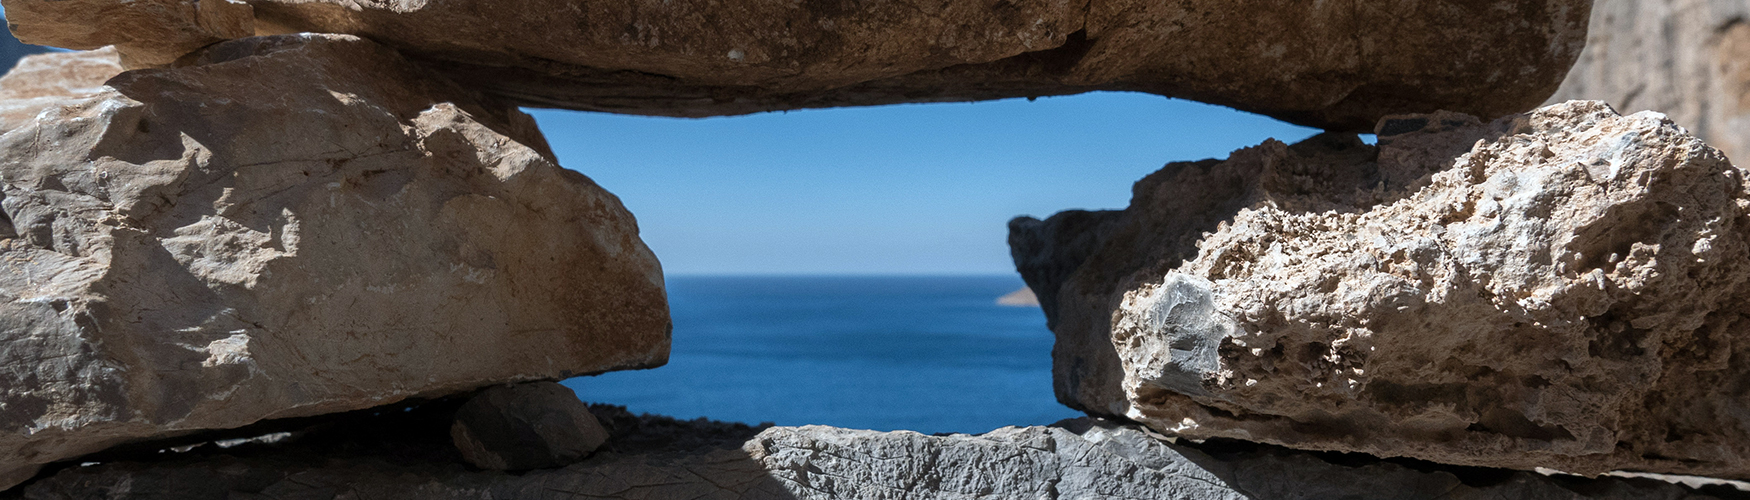 Kalymnos klettern, Kletterreise Griechenland